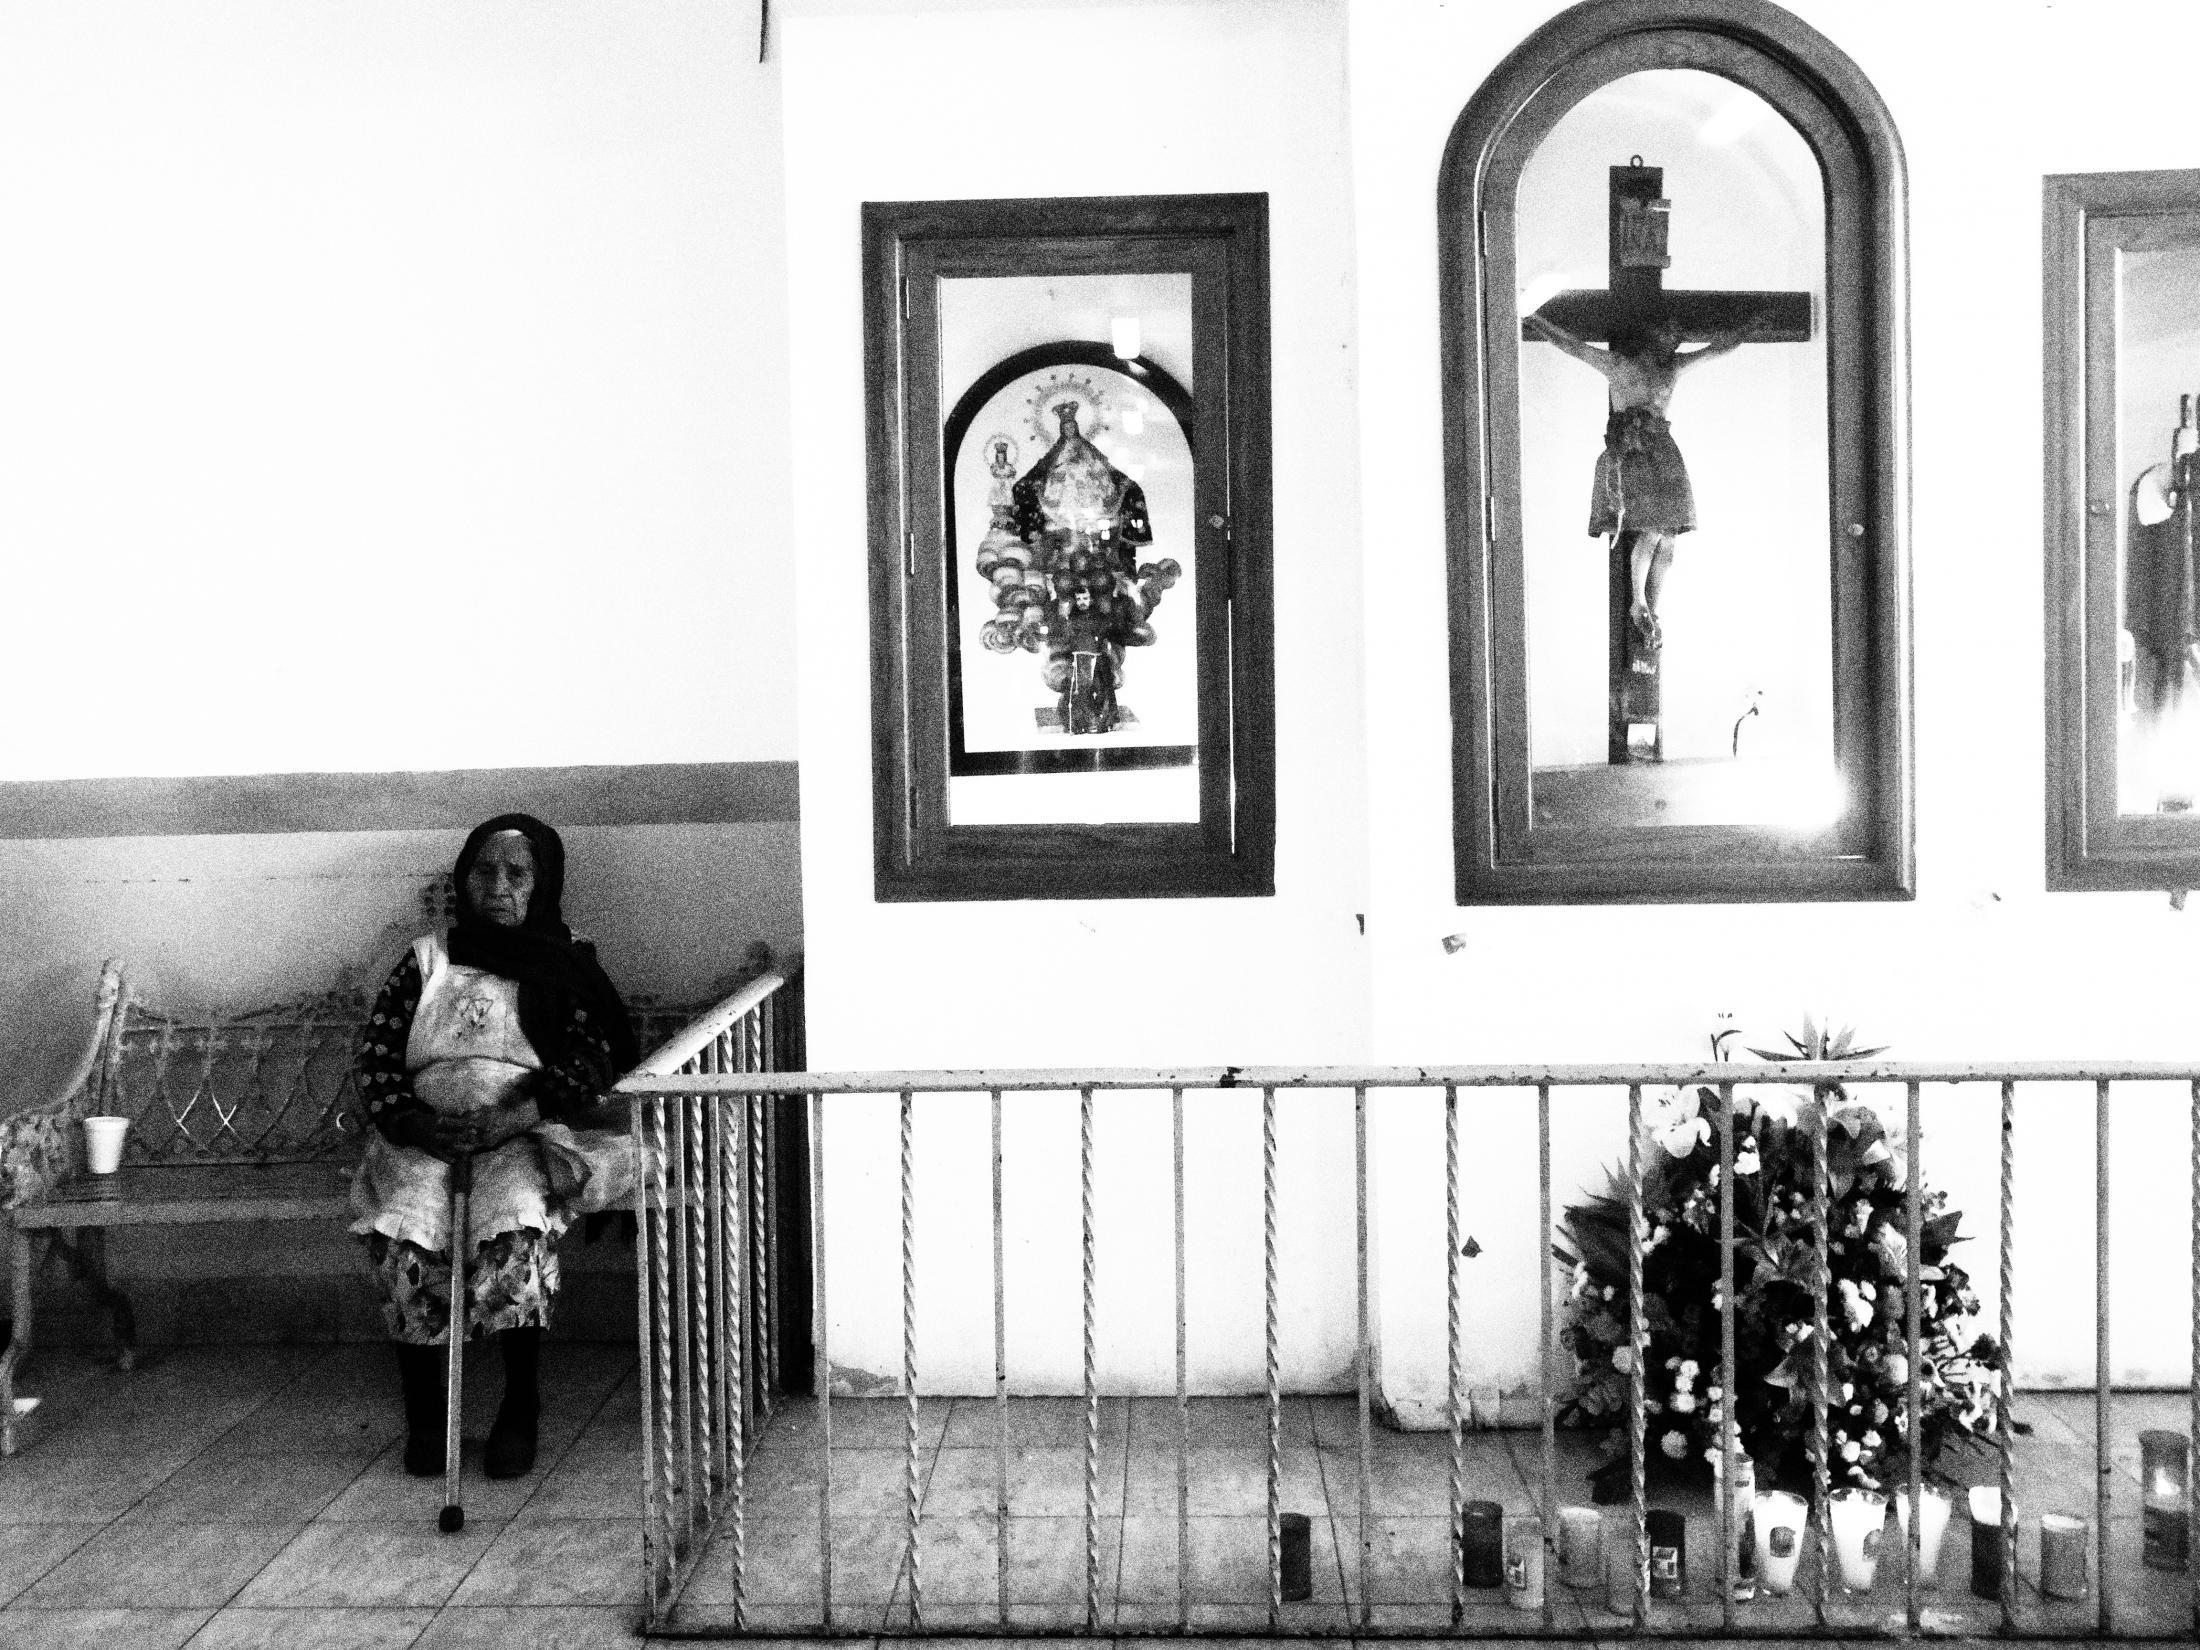 Santiago de Querétaro, Querétaro, México - 2017